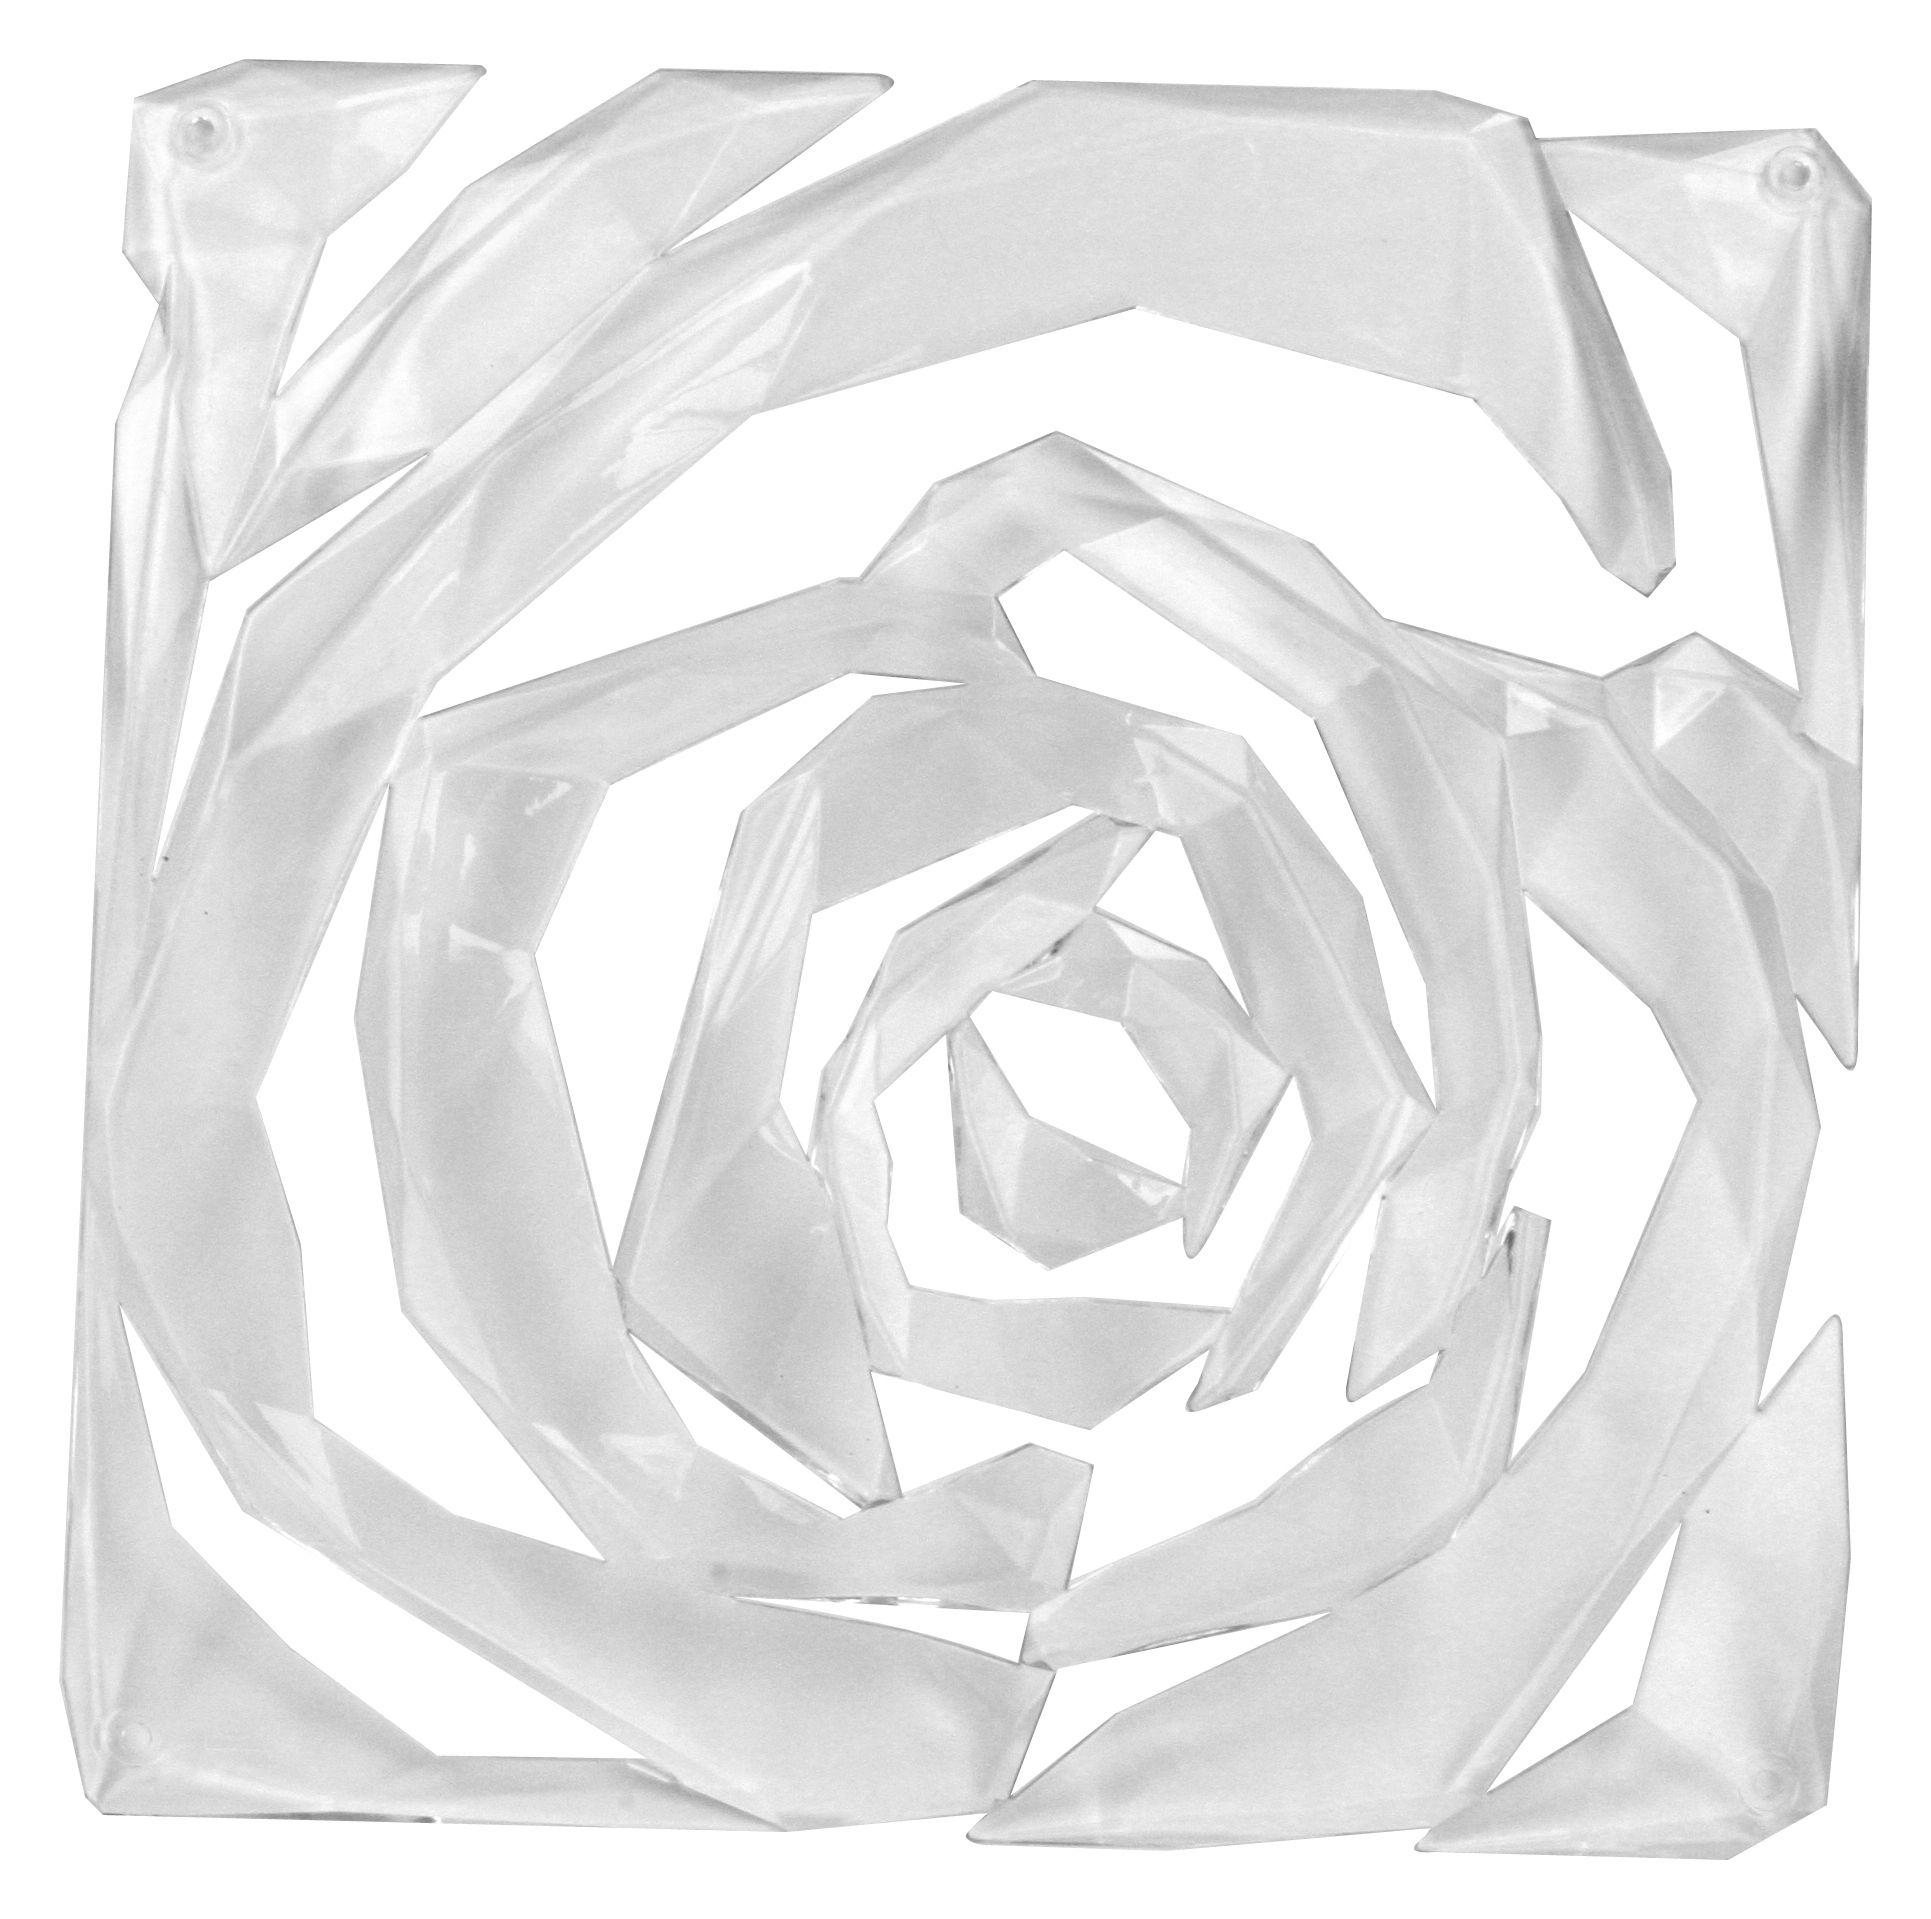 Mobilier - Paravents, séparations - Cloison Romance / Set de 4 - Crochets inclus - Koziol - Transparent - Polycarbonate